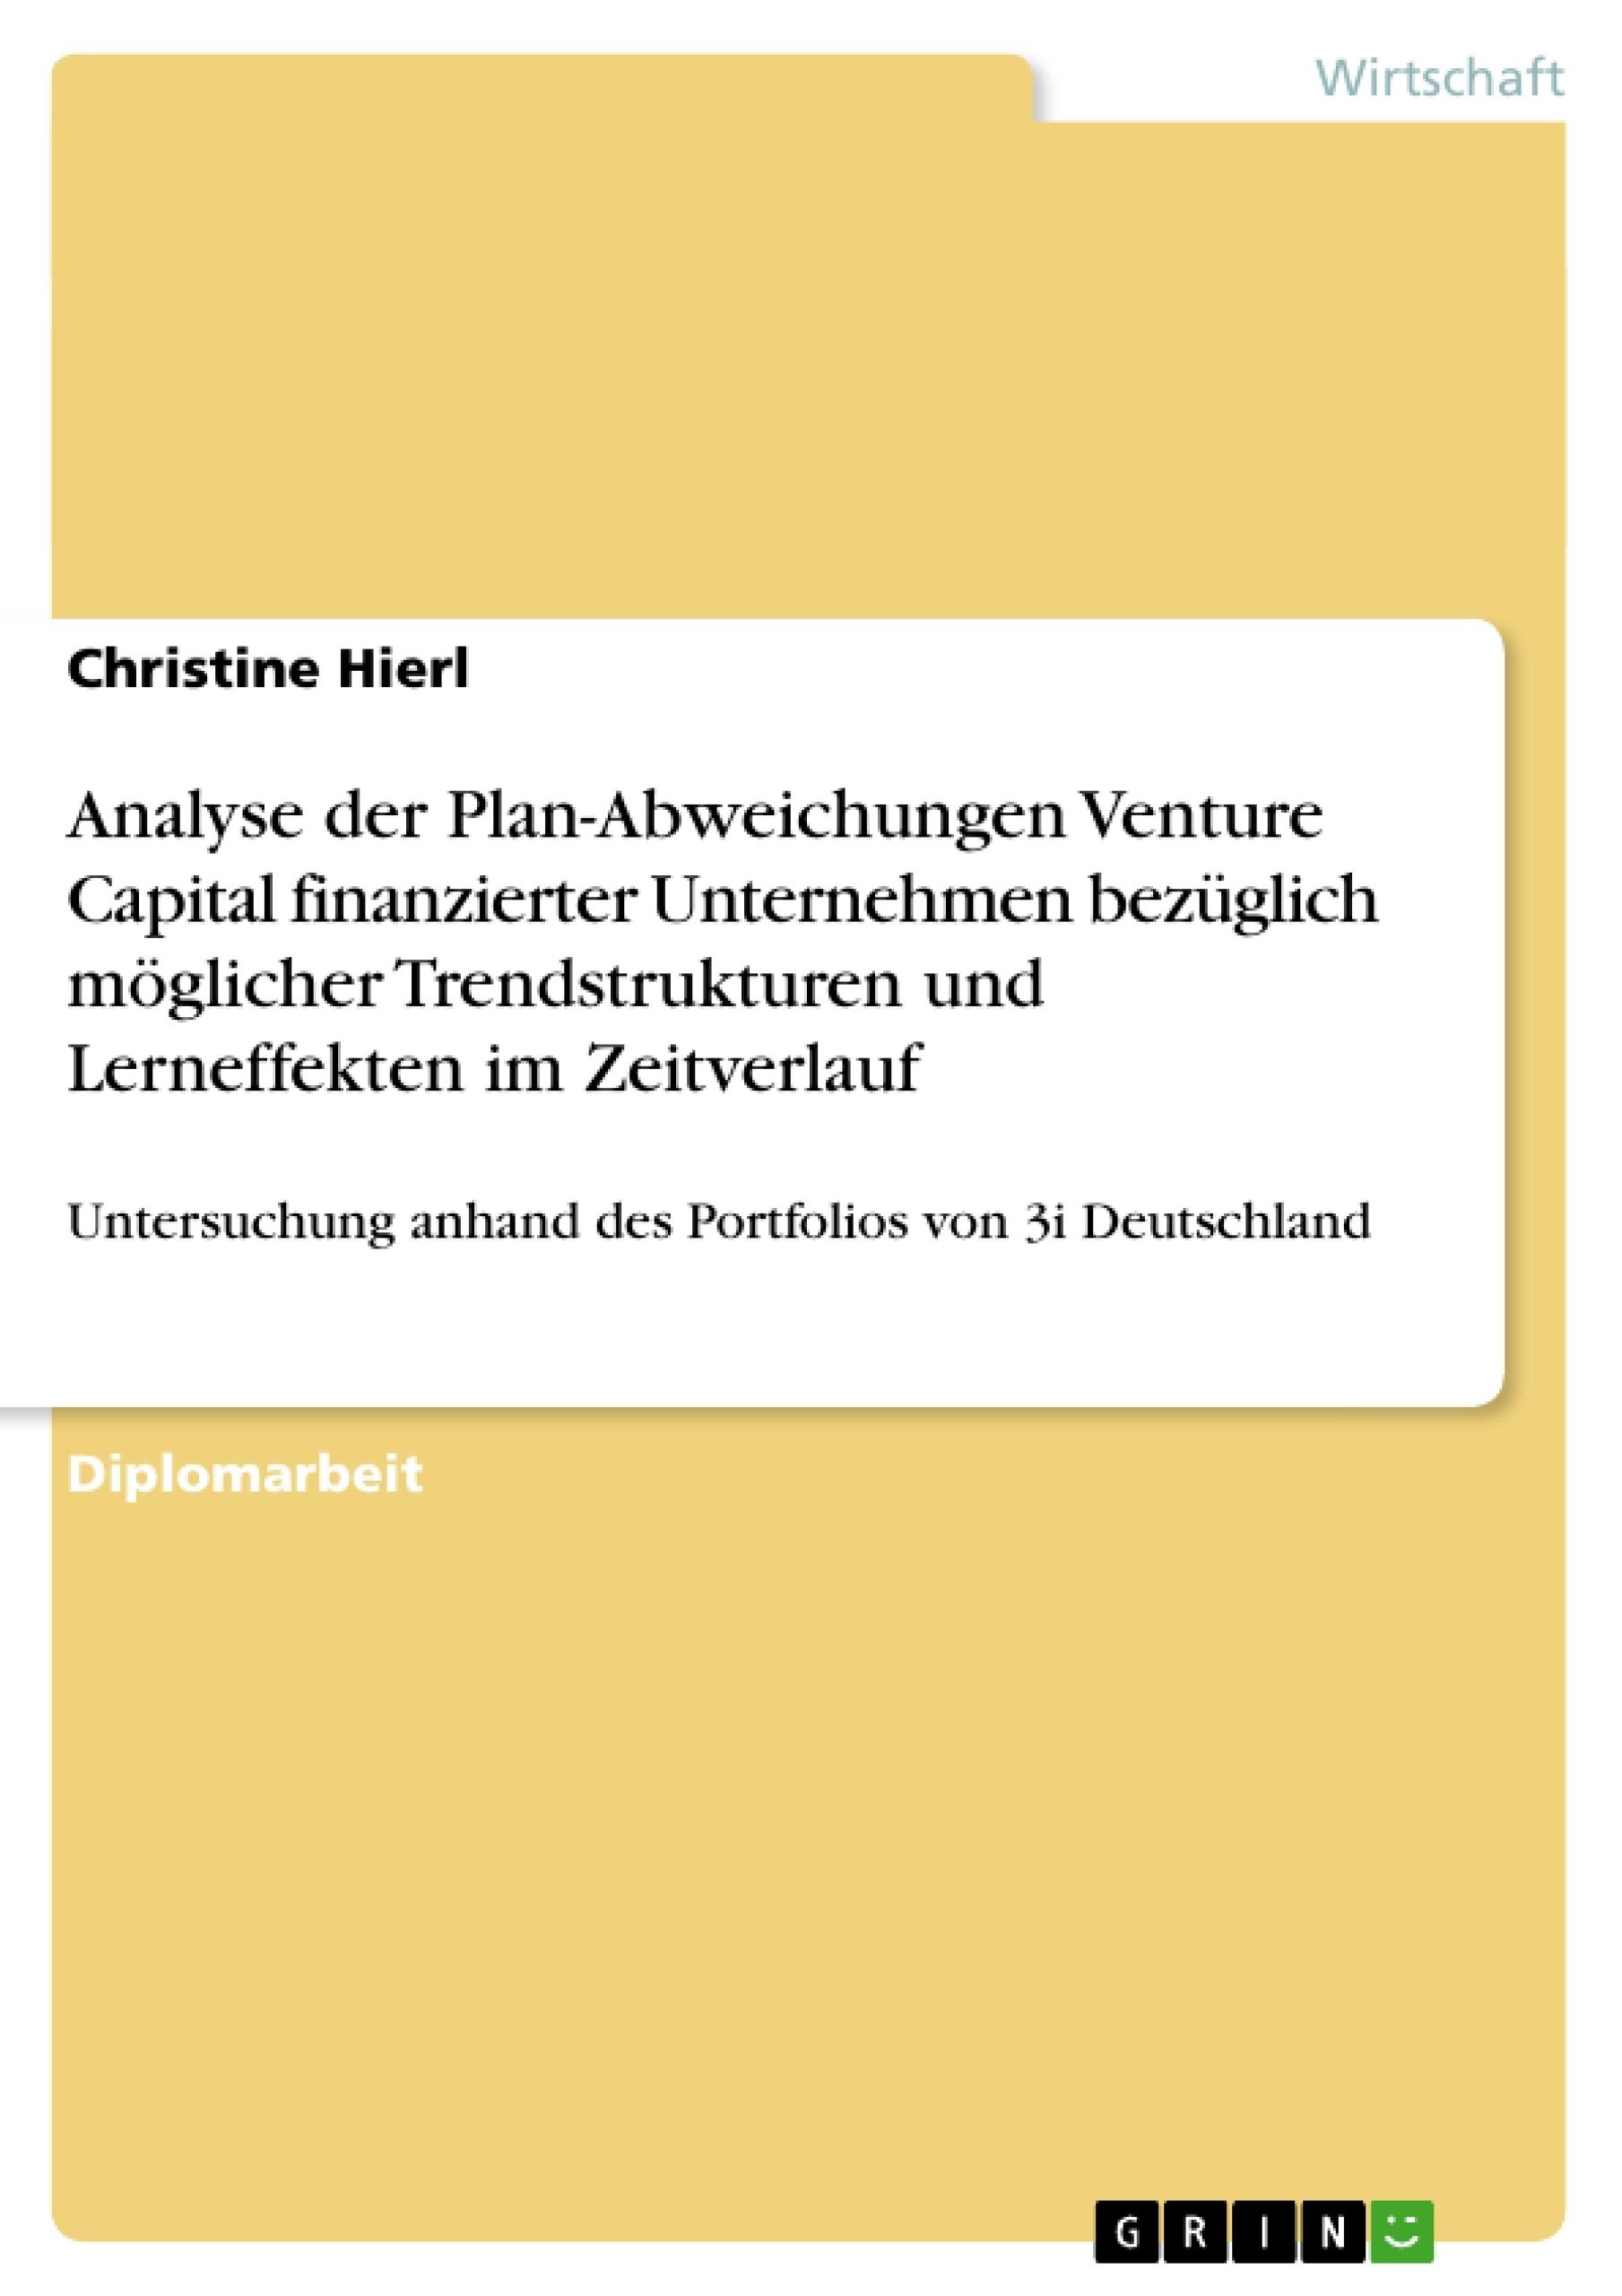 Titel: Analyse der Plan-Abweichungen Venture Capital finanzierter Unternehmen bezüglich möglicher Trendstrukturen und Lerneffekten im Zeitverlauf